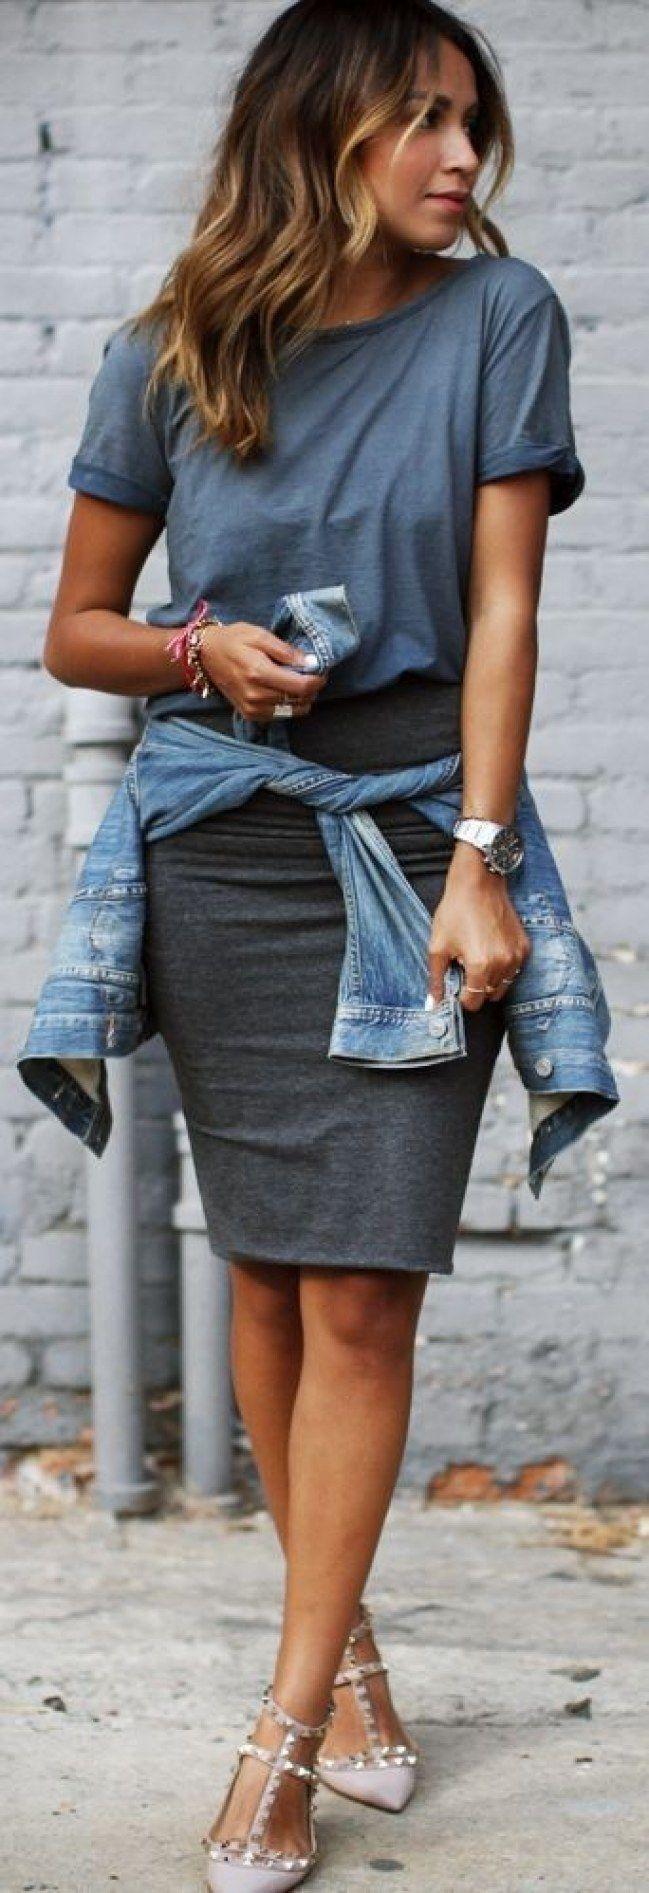 Bleistiftrock kombinieren: Mit diesen Styling-Tipps wirst du zum Fashion-Profi! …